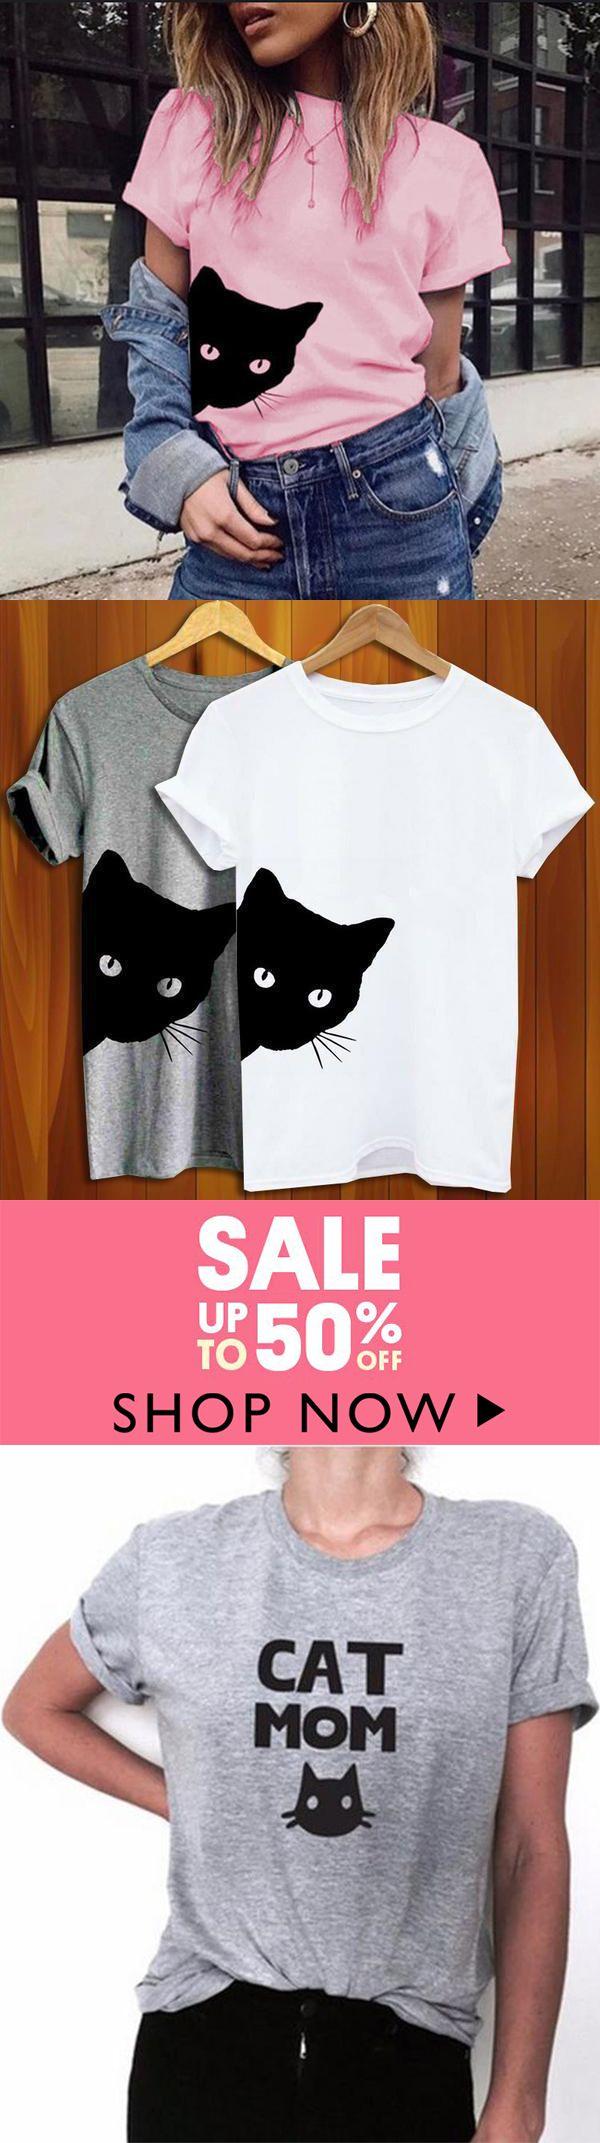 Katze, die äußeres Druck-Frauen-T-Shirt Baumwollbeiläufiges lustiges T-Shirt schaut